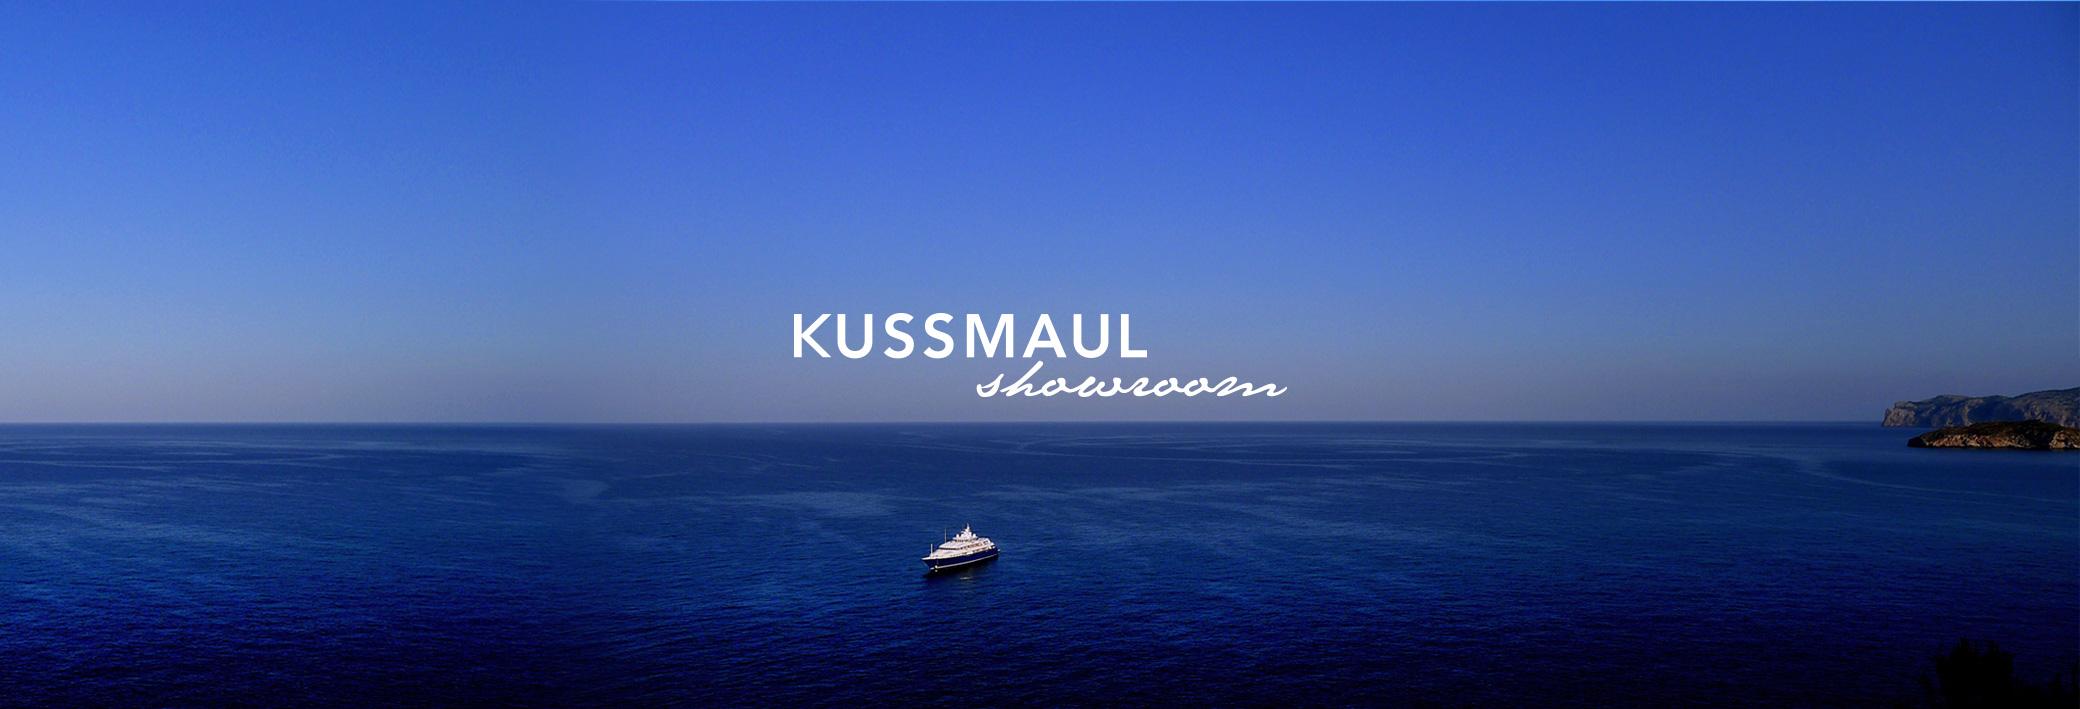 home_banner_kussmaul